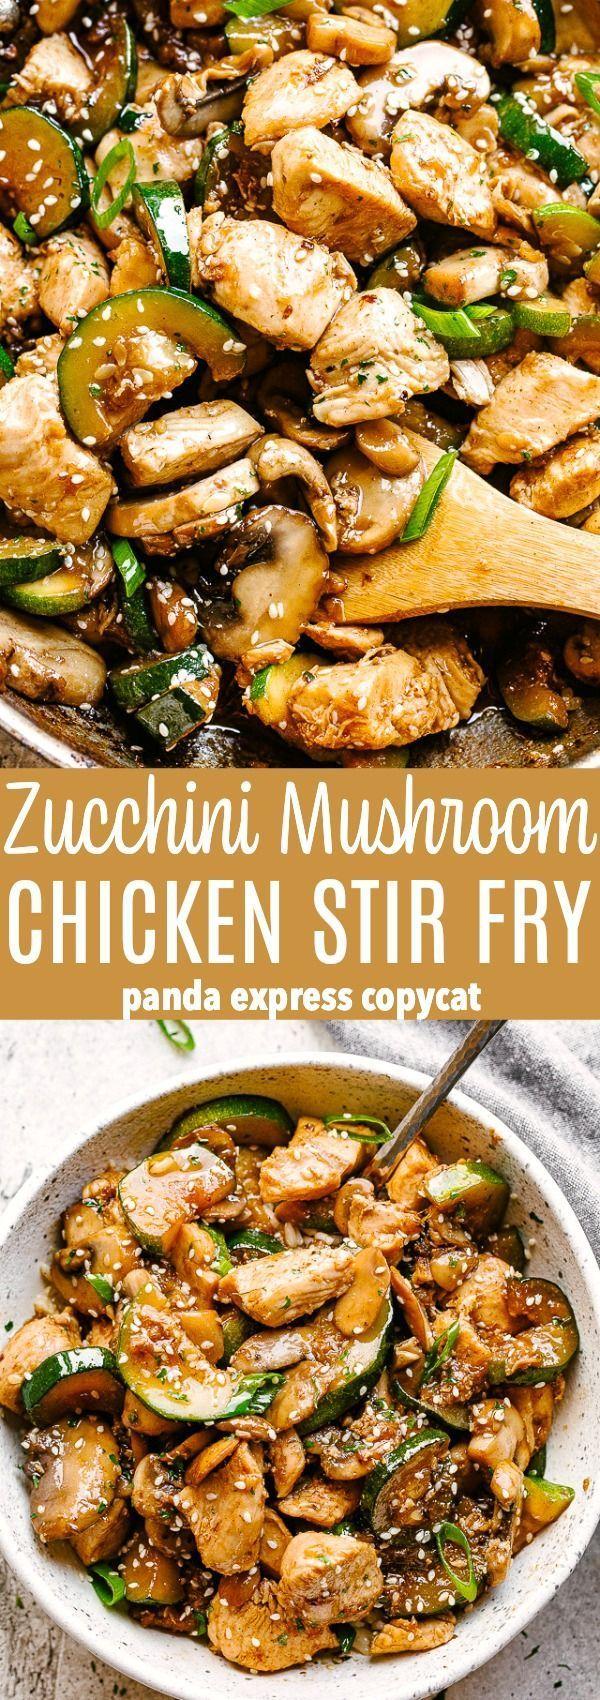 Zucchini Mushroom Chicken Stir Fry – Frische und leckere Hühnerpfanne … #c … – Braten